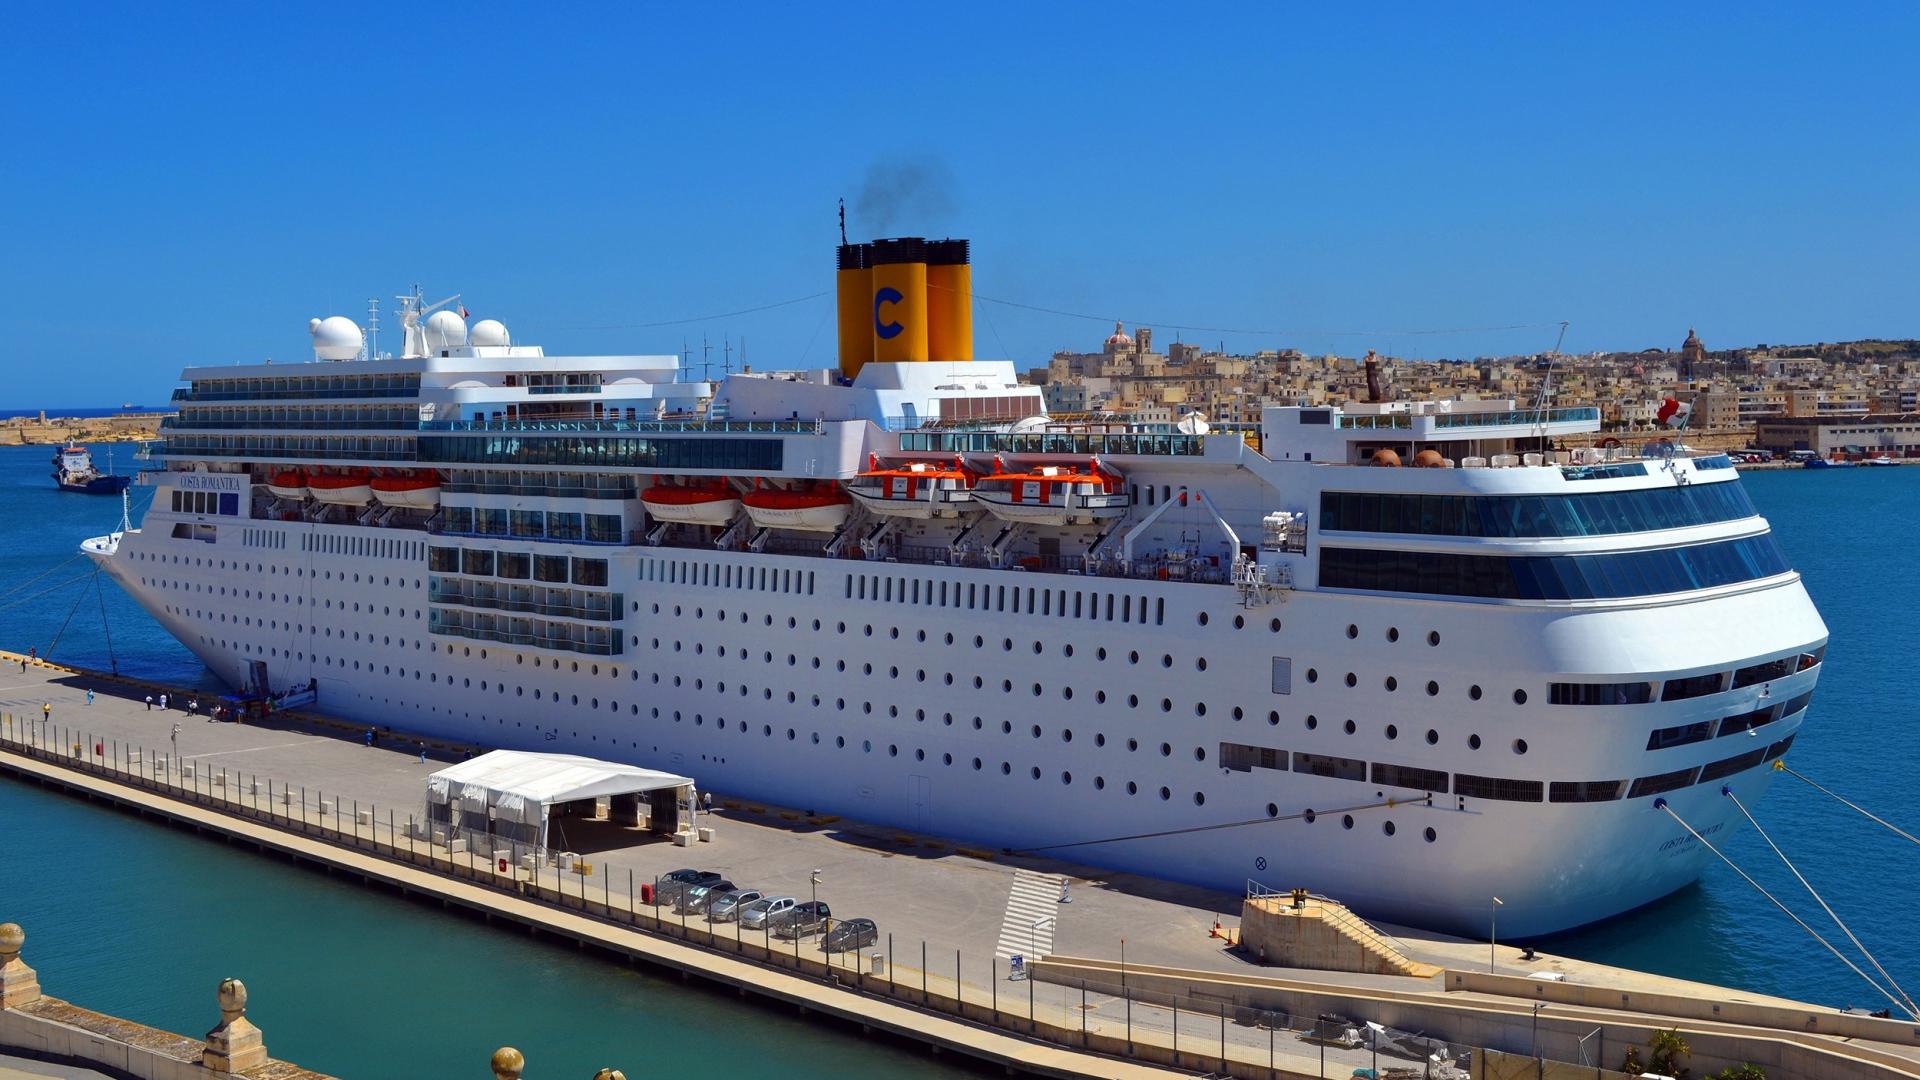 liner_costa_neoromantica_ship_cruise_ship_dock_pier_98595_1920x1080